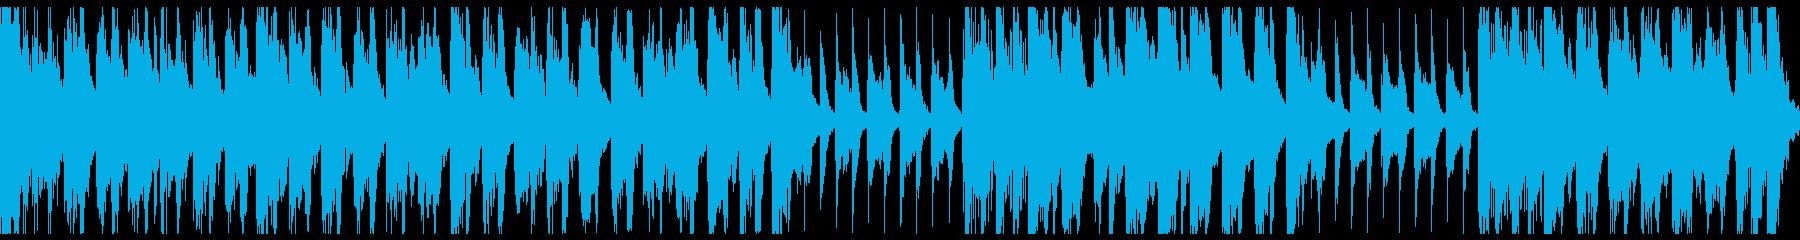 ホラーかわいいハロウィン行進曲(ループ)の再生済みの波形